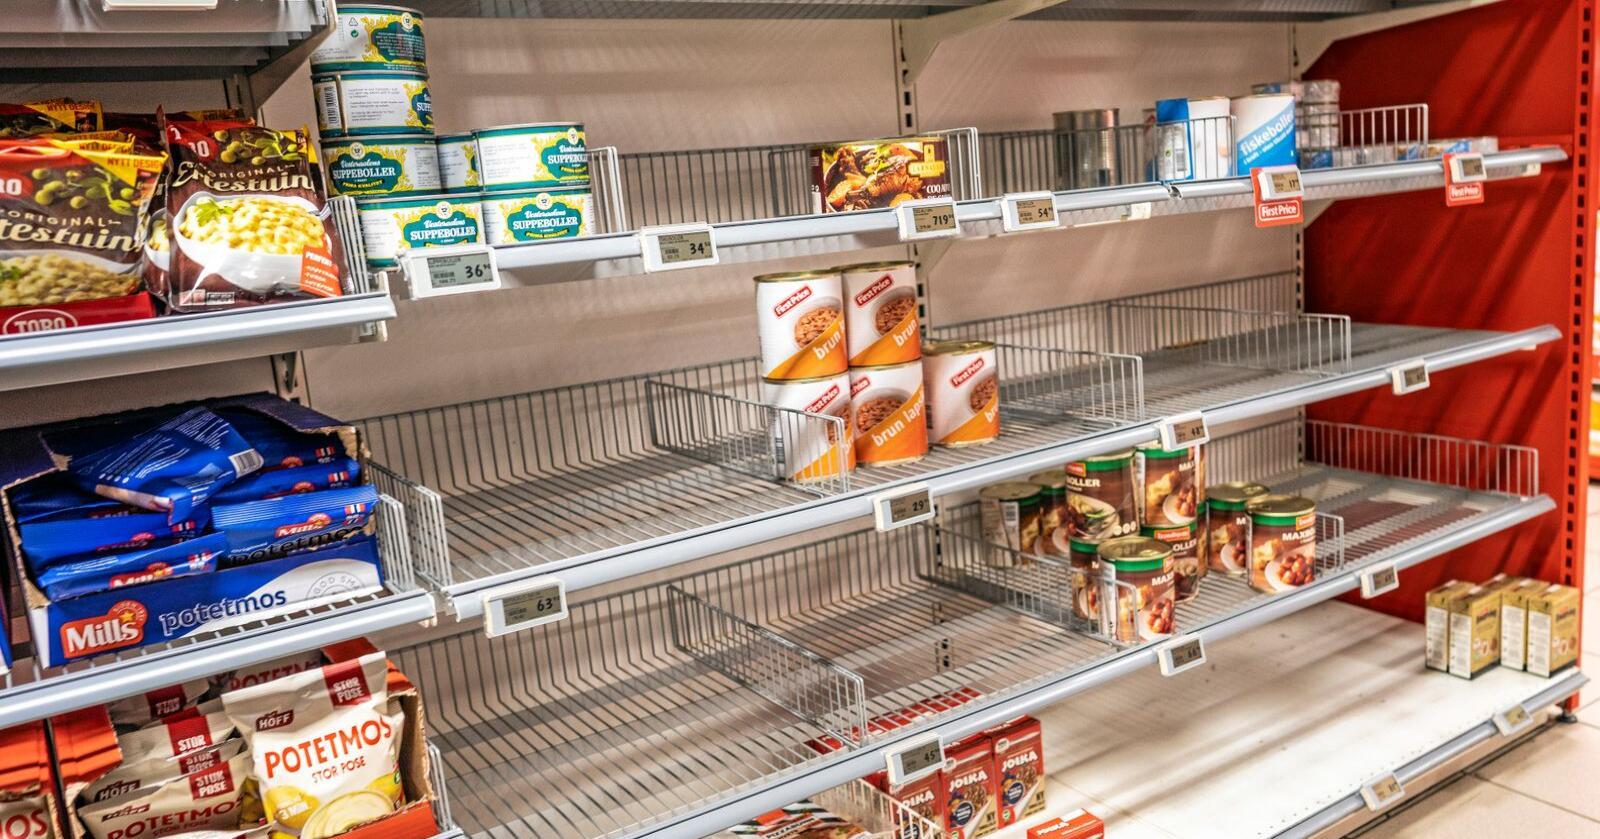 Hamstring: Da koronaepidemien rammet Norge, kunne det mangle noen varer i butikkene. Foto: Stian Lysberg Solum / NTB